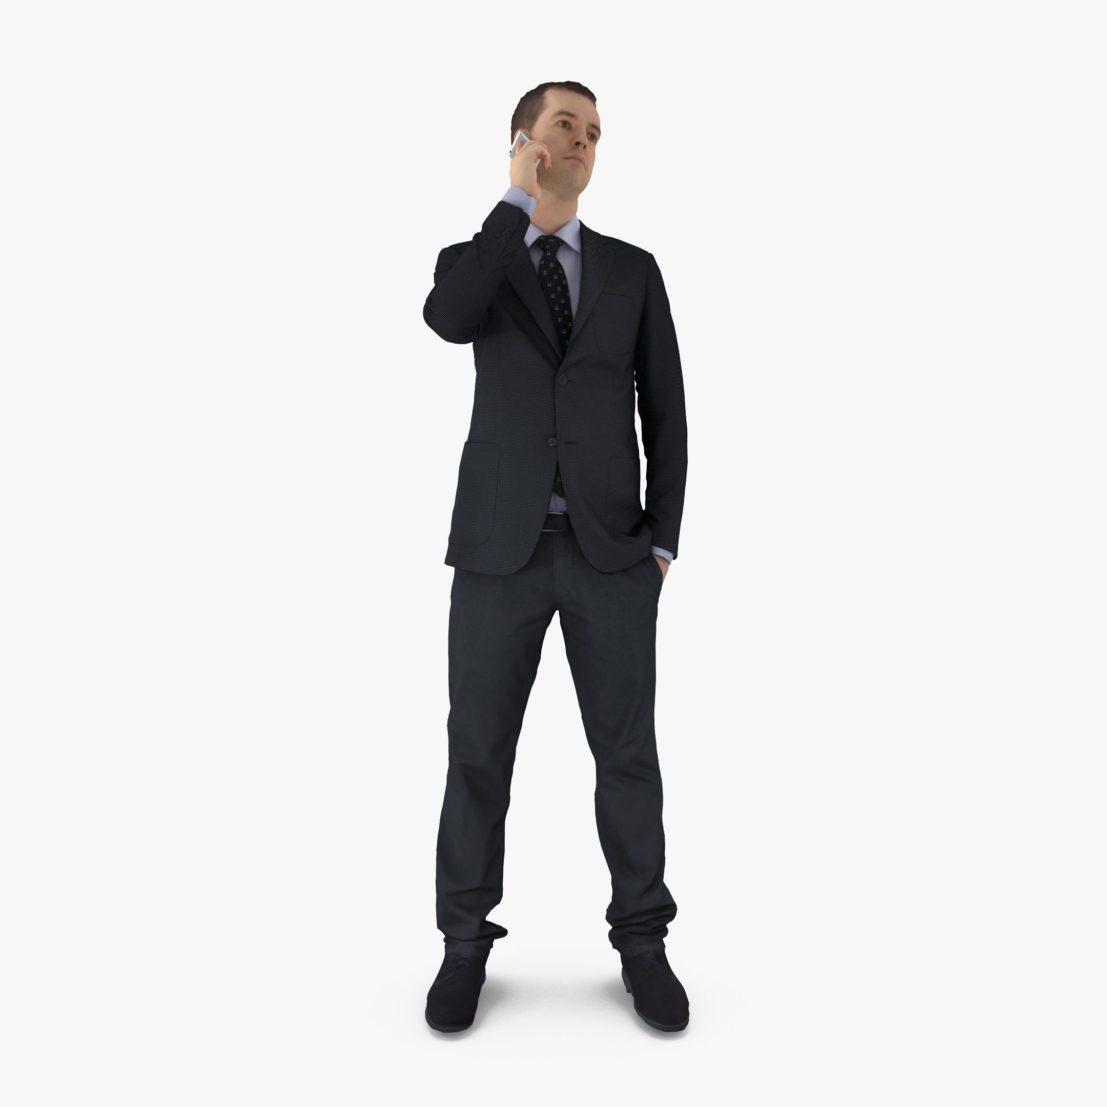 Businessman Phones 3D Model   3DTree Scanning Studio